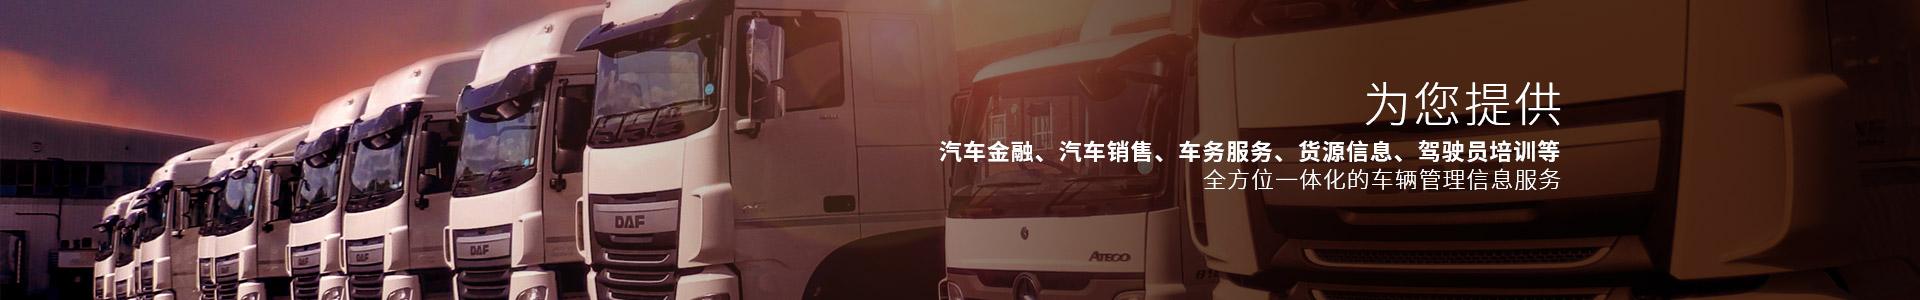 河南重联,为您提供全方位一体化的车辆管理信息服务